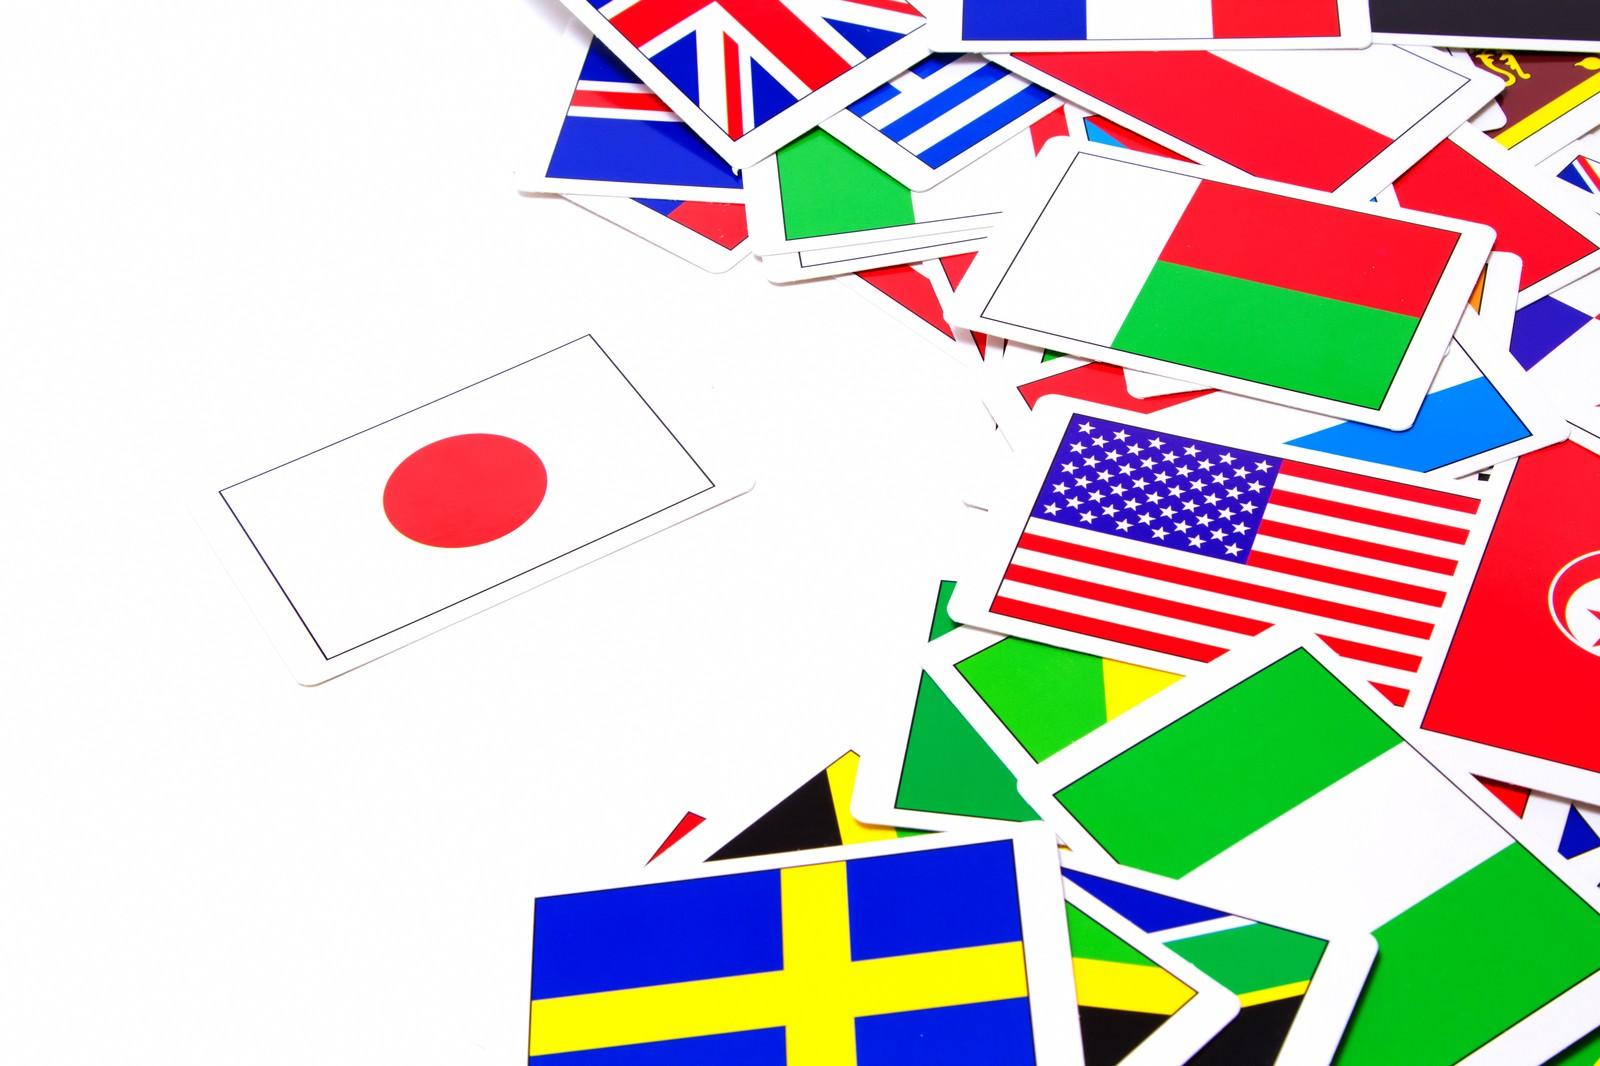 「日本だけ孤立した国旗カード日本だけ孤立した国旗カード」のフリー写真素材を拡大